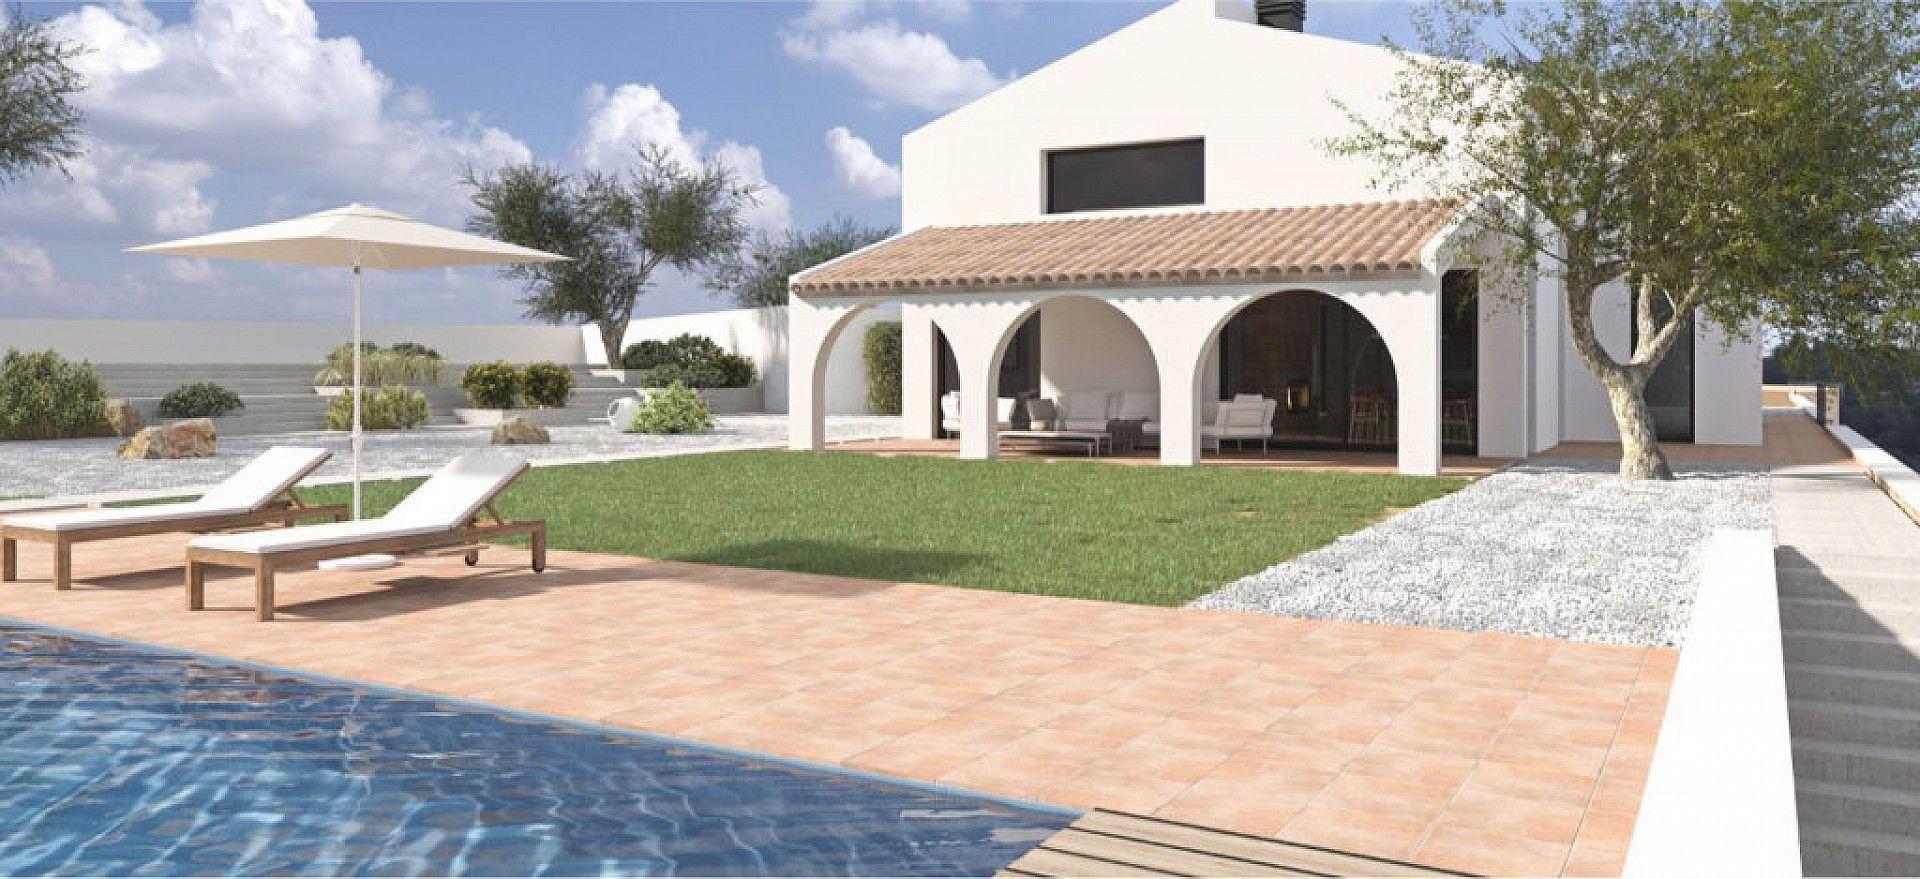 w_te-koop-huis-project-moraira-teulada-costa-blanca-nf2028-011-3.jpg